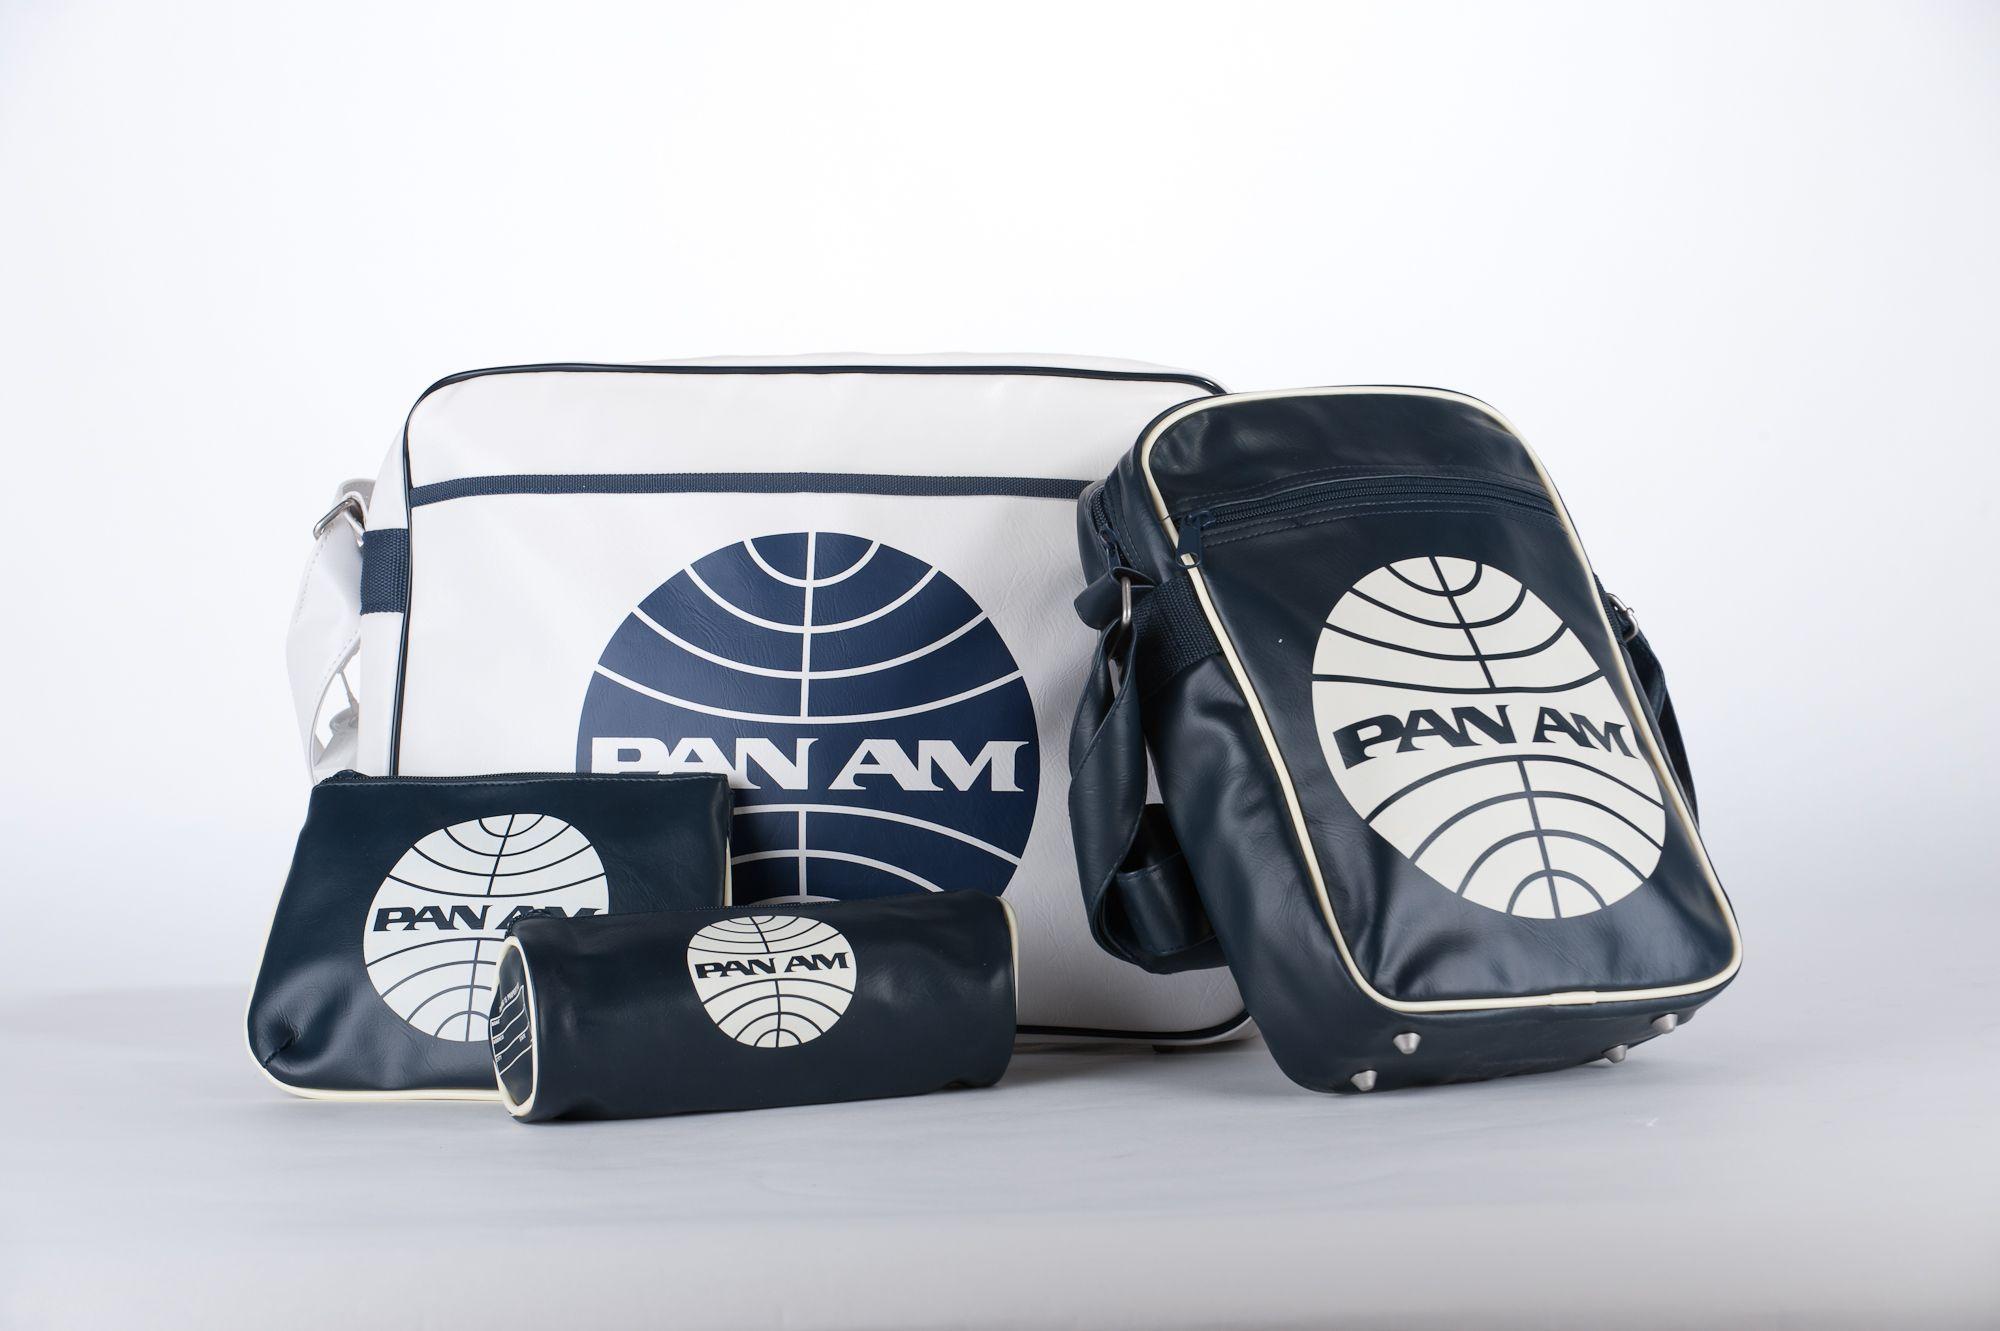 PAN AM -- Geniet mee van de glamour van Pan Am met deze toffe tas. Hij straalt de charmes uit van het kleurrijke Pan Am verleden en is ideaal voor op het vliegtuig. / - - / Ce superbe sac glamour à l'image de la Pan Am. Il dégage un charme indéniable lié au glorieux passé de la Pan Am et se prête parfaitement aux déplacements en avion.